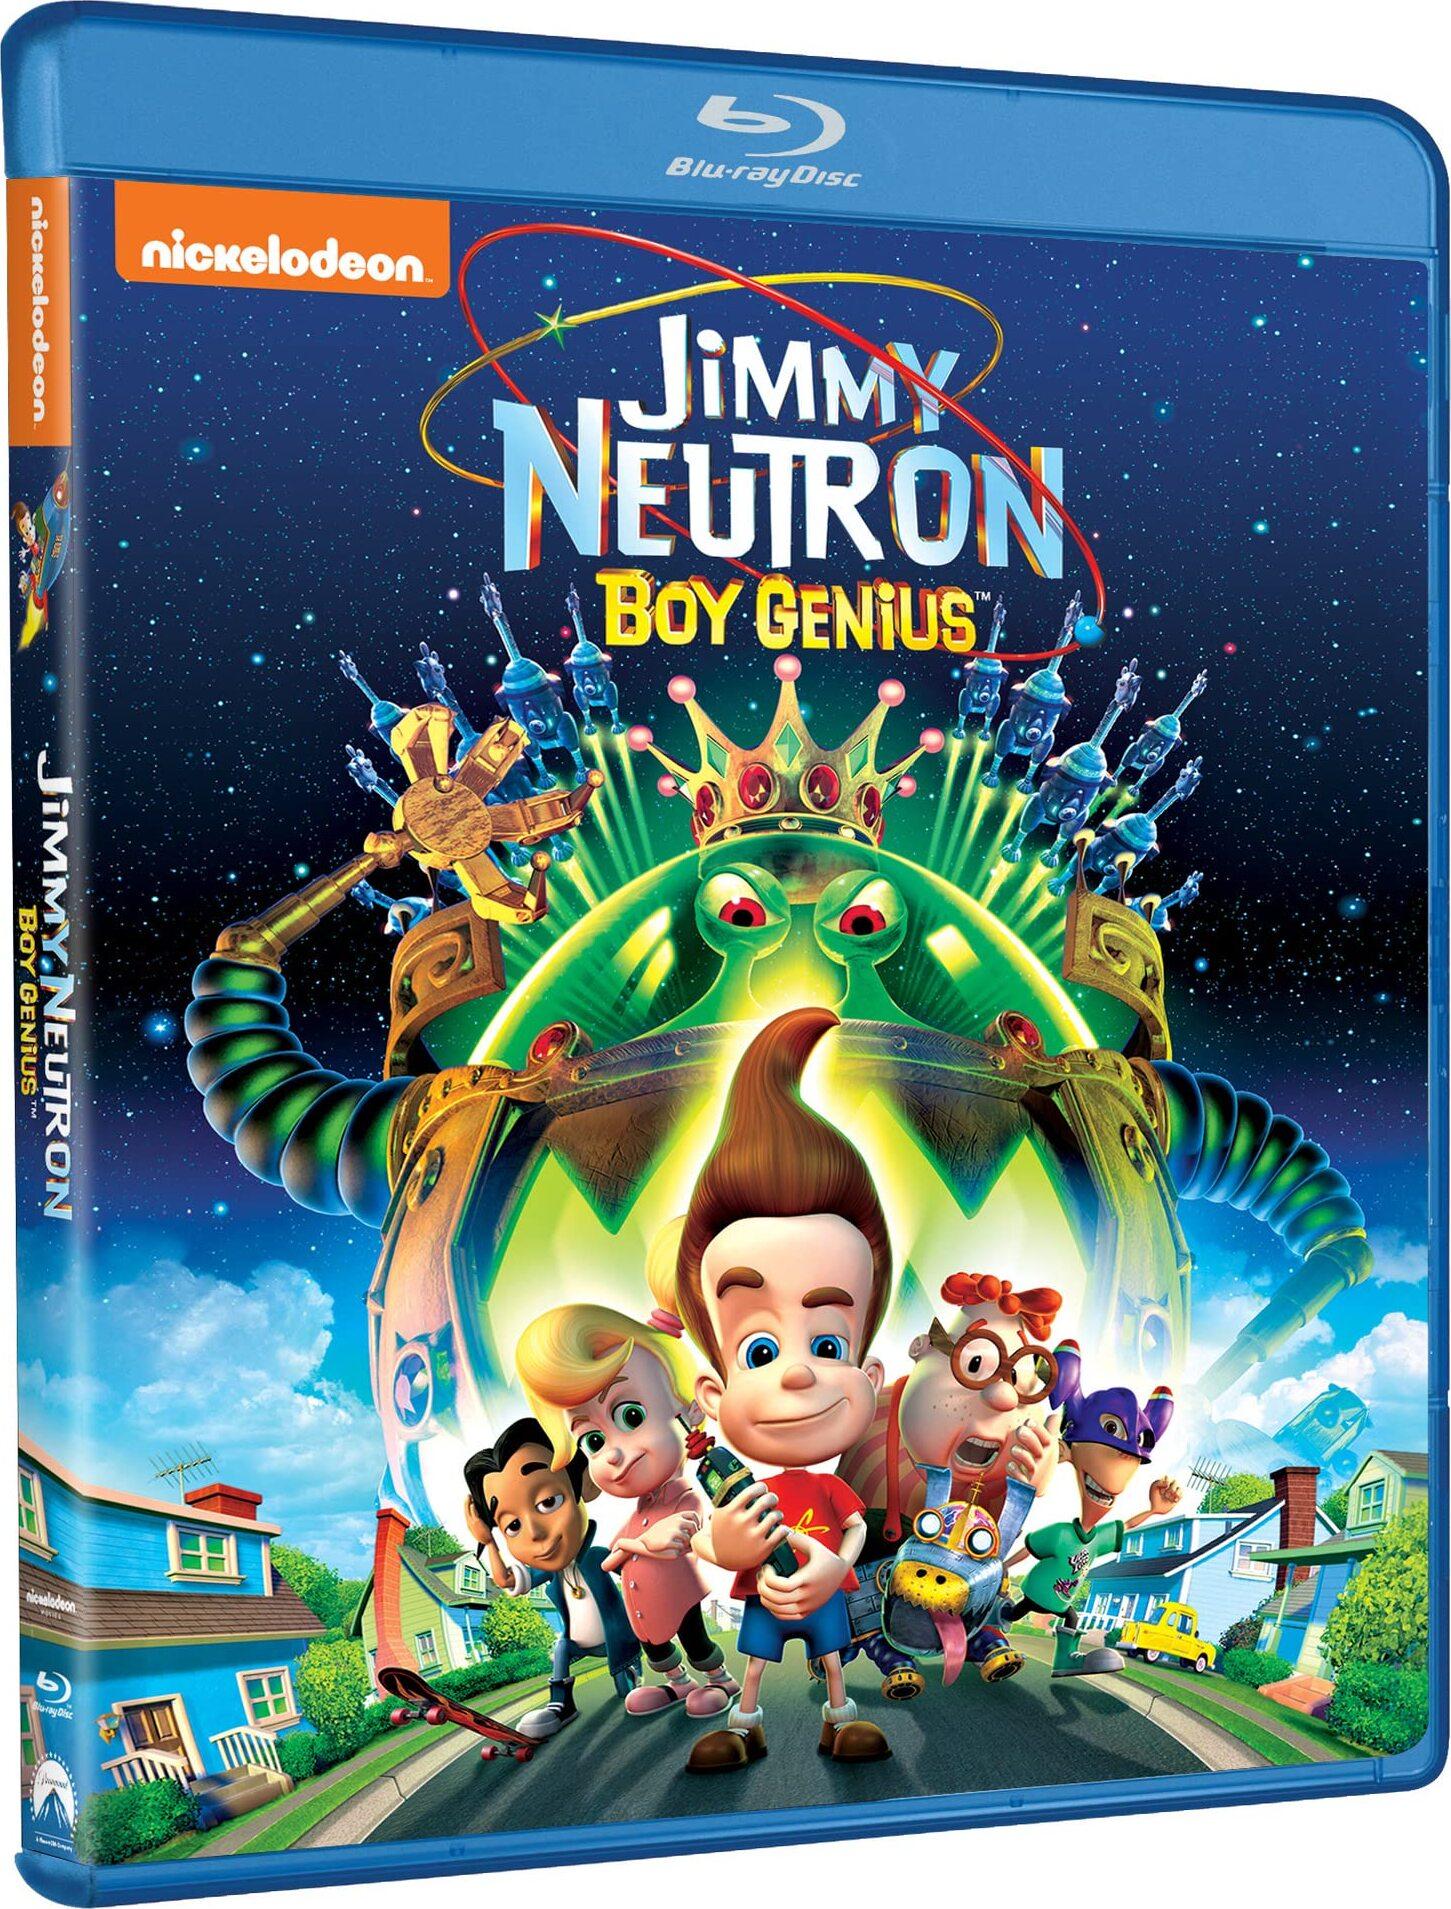 Jimmy Neutron: Boy Genius Blu-ray